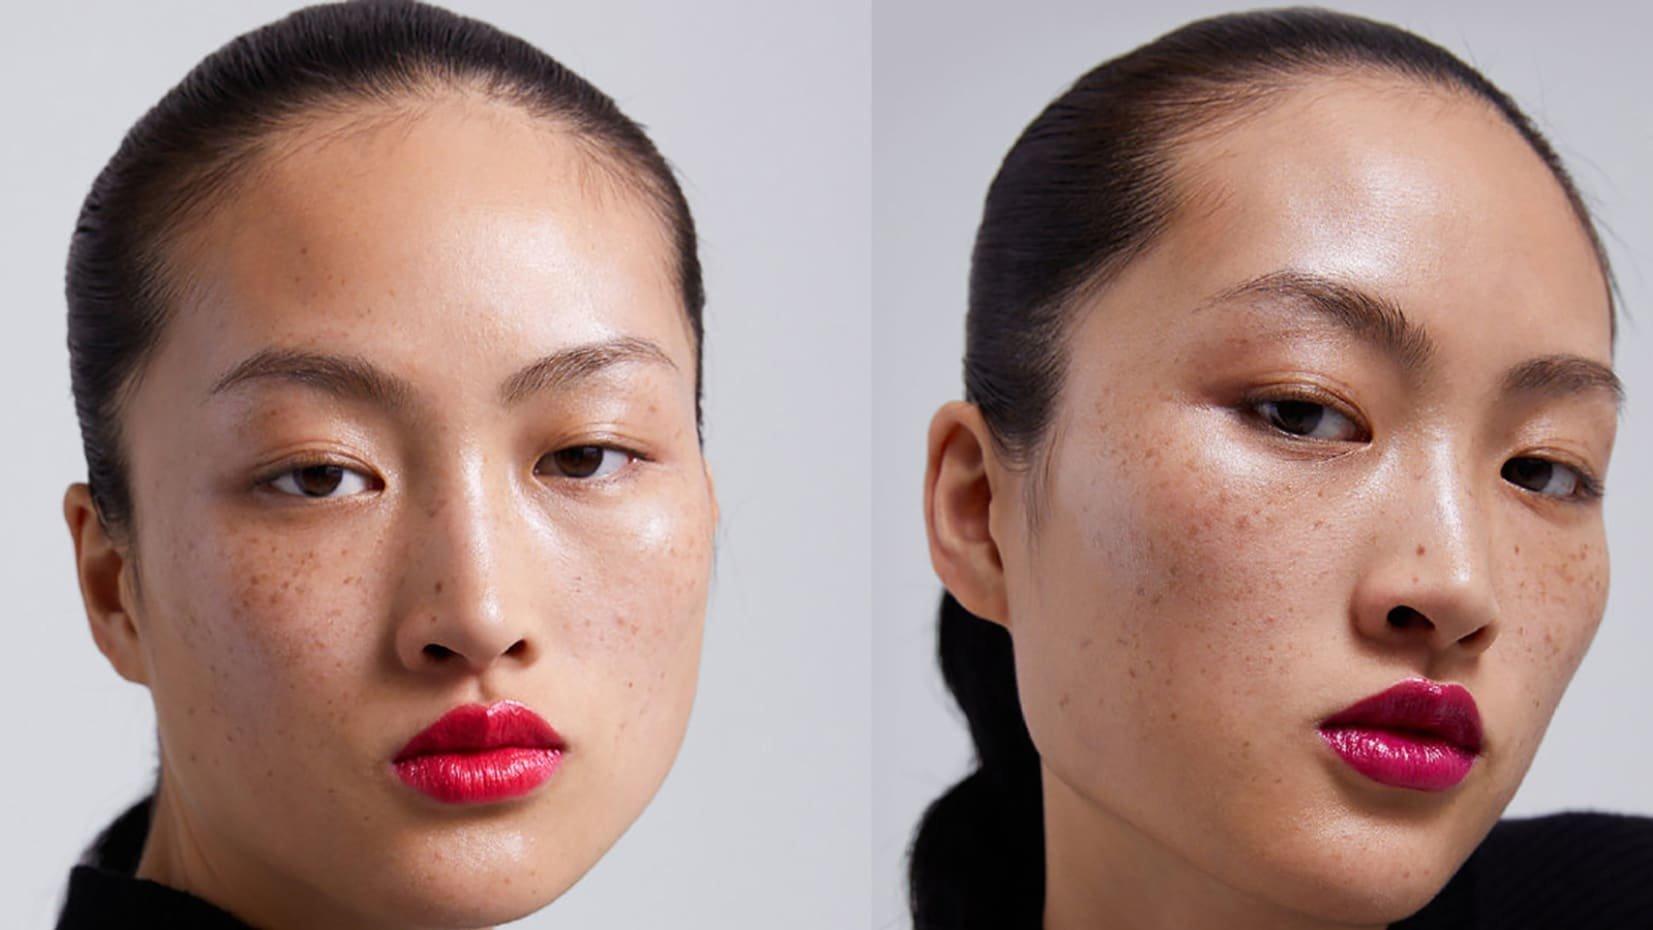 Γιατί αυτή η φωτογραφία μοντέλου του Zara προκάλεσε θύελλα αντιδράσεων στην